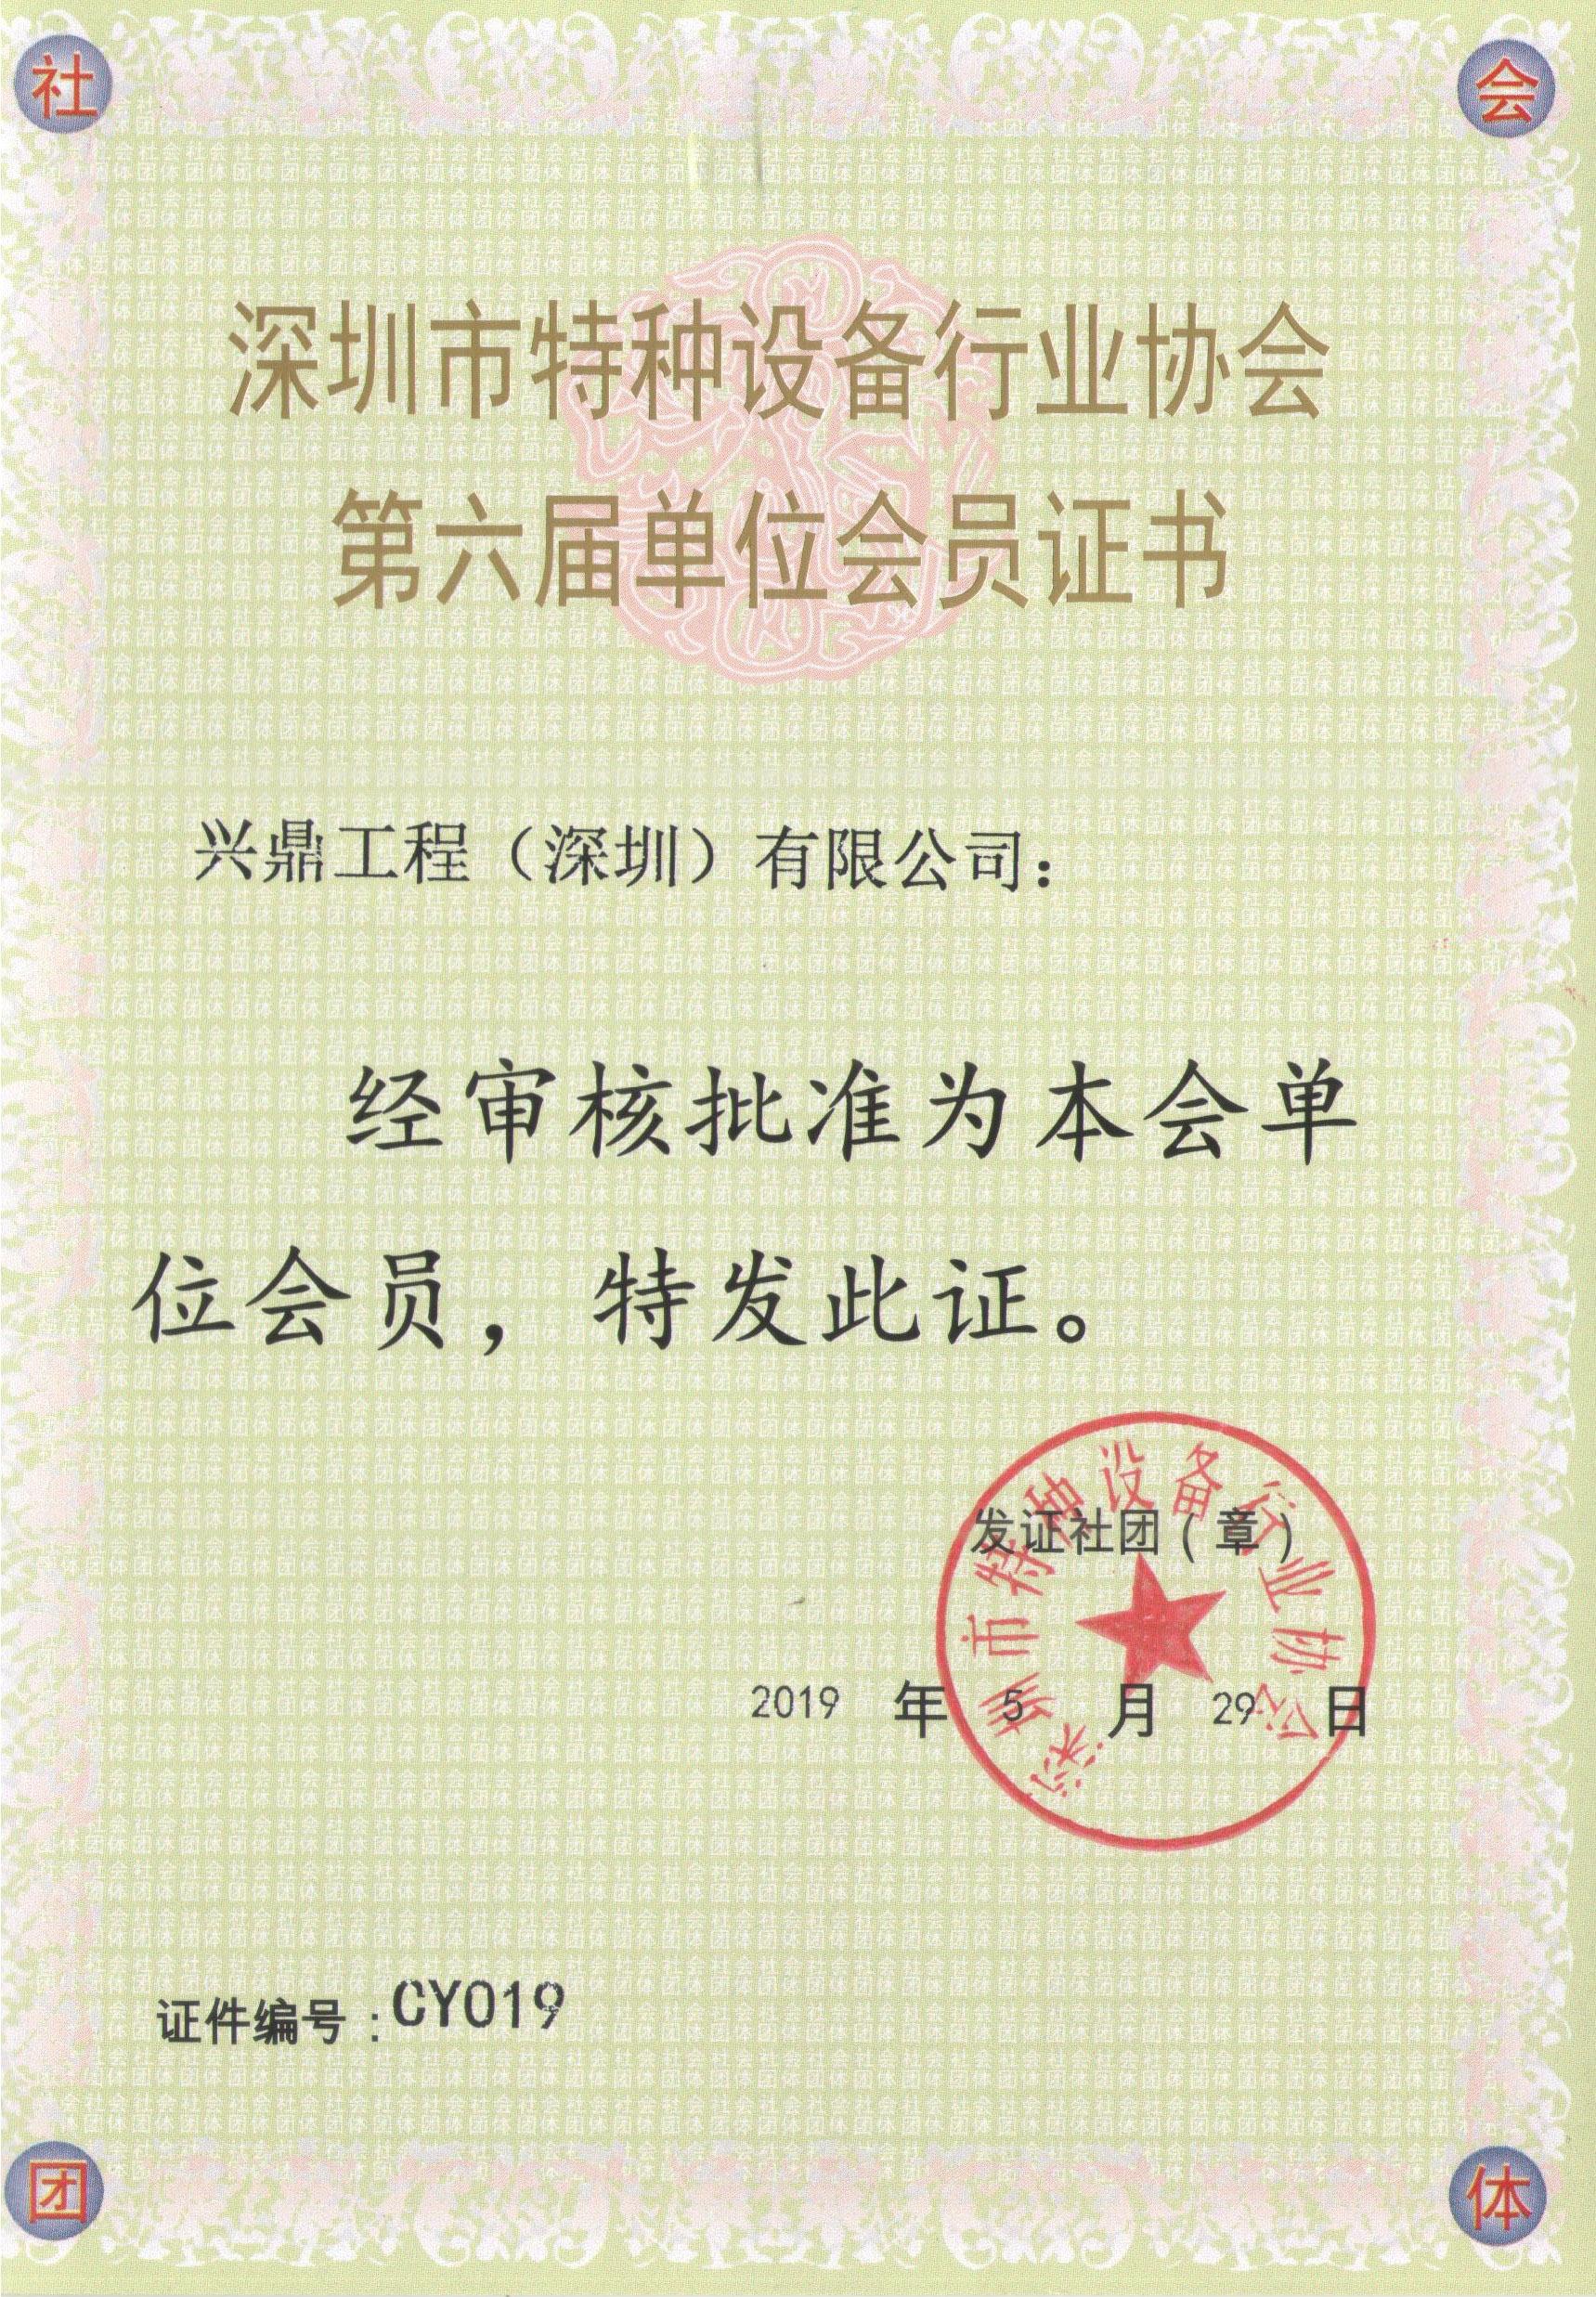 特种设备行业协会会员证书